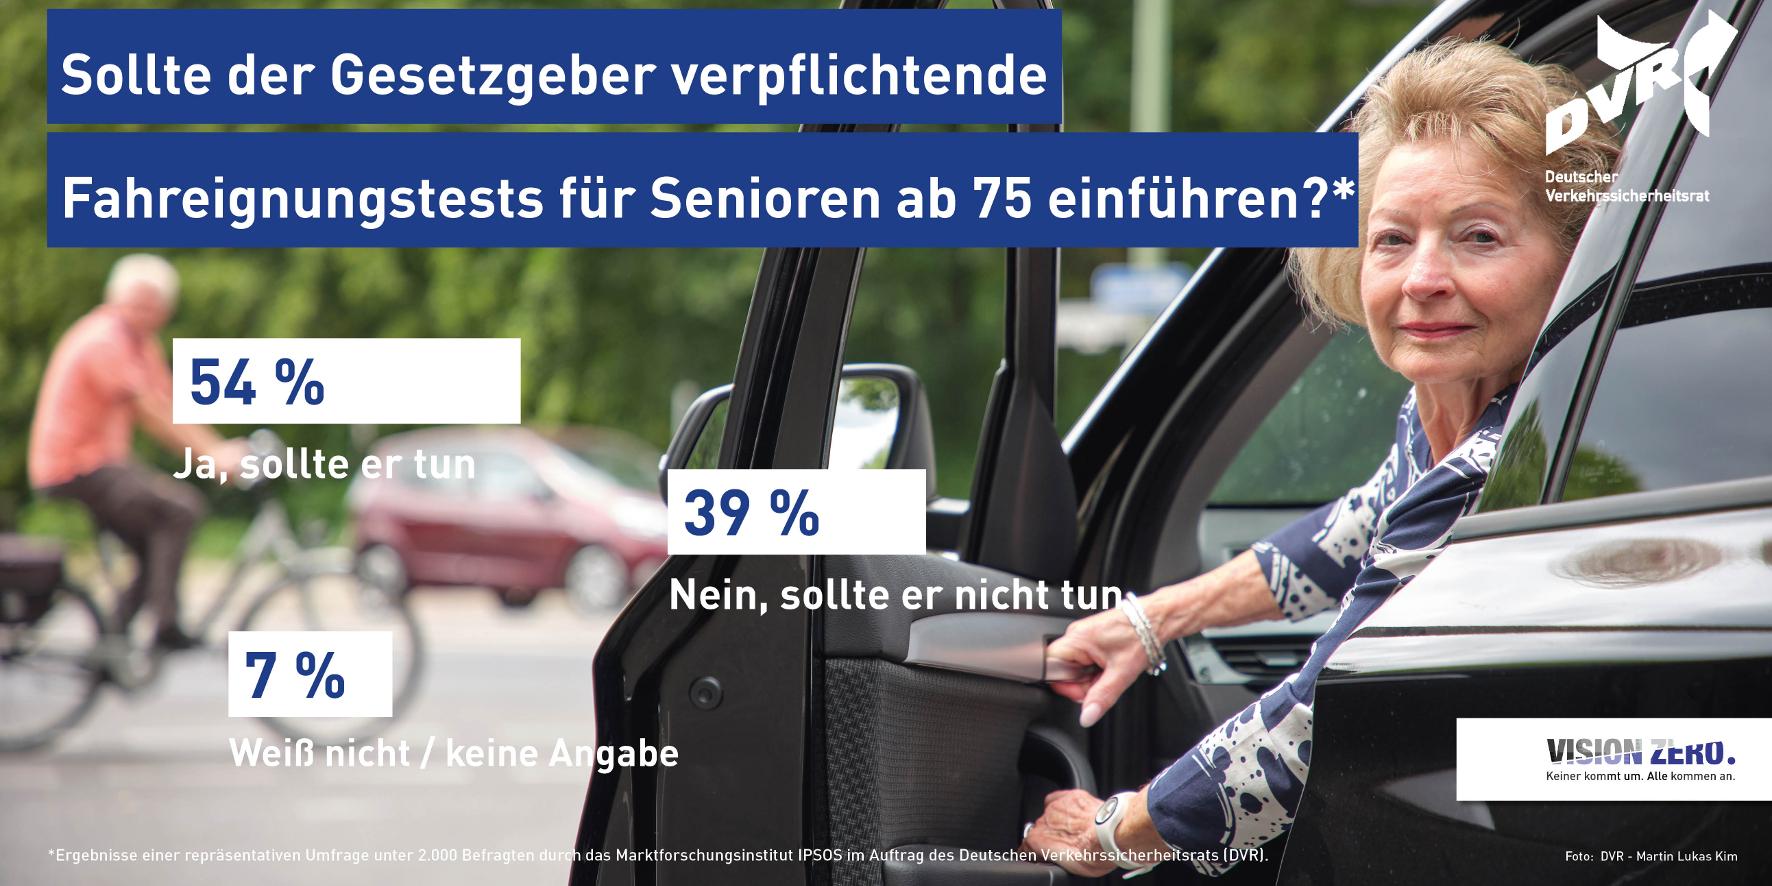 mid Groß-Gerau - Auch ältere Menschen wollen Autofahren. Müssen sie dafür aber erst einen speziellen Eignungstests absolvieren? Darüber gehen die Meinungen auseinander. Deutscher Verkehrssicherheitsrat e.V.